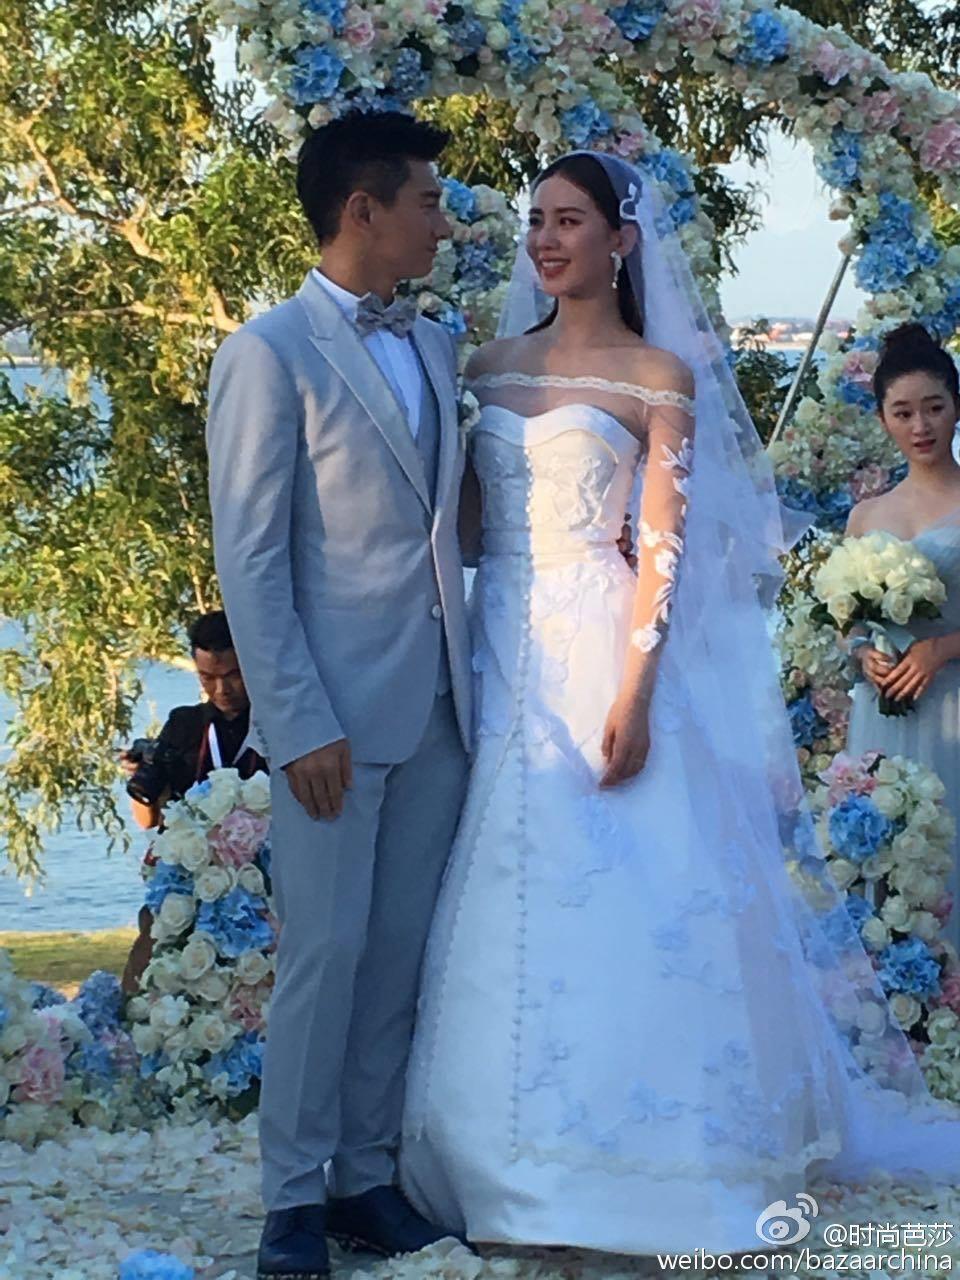 吳奇隆,劉詩詩世紀花海婚禮:在最好的時候,遇見了最好的你。 照片轉載自時尚芭莎